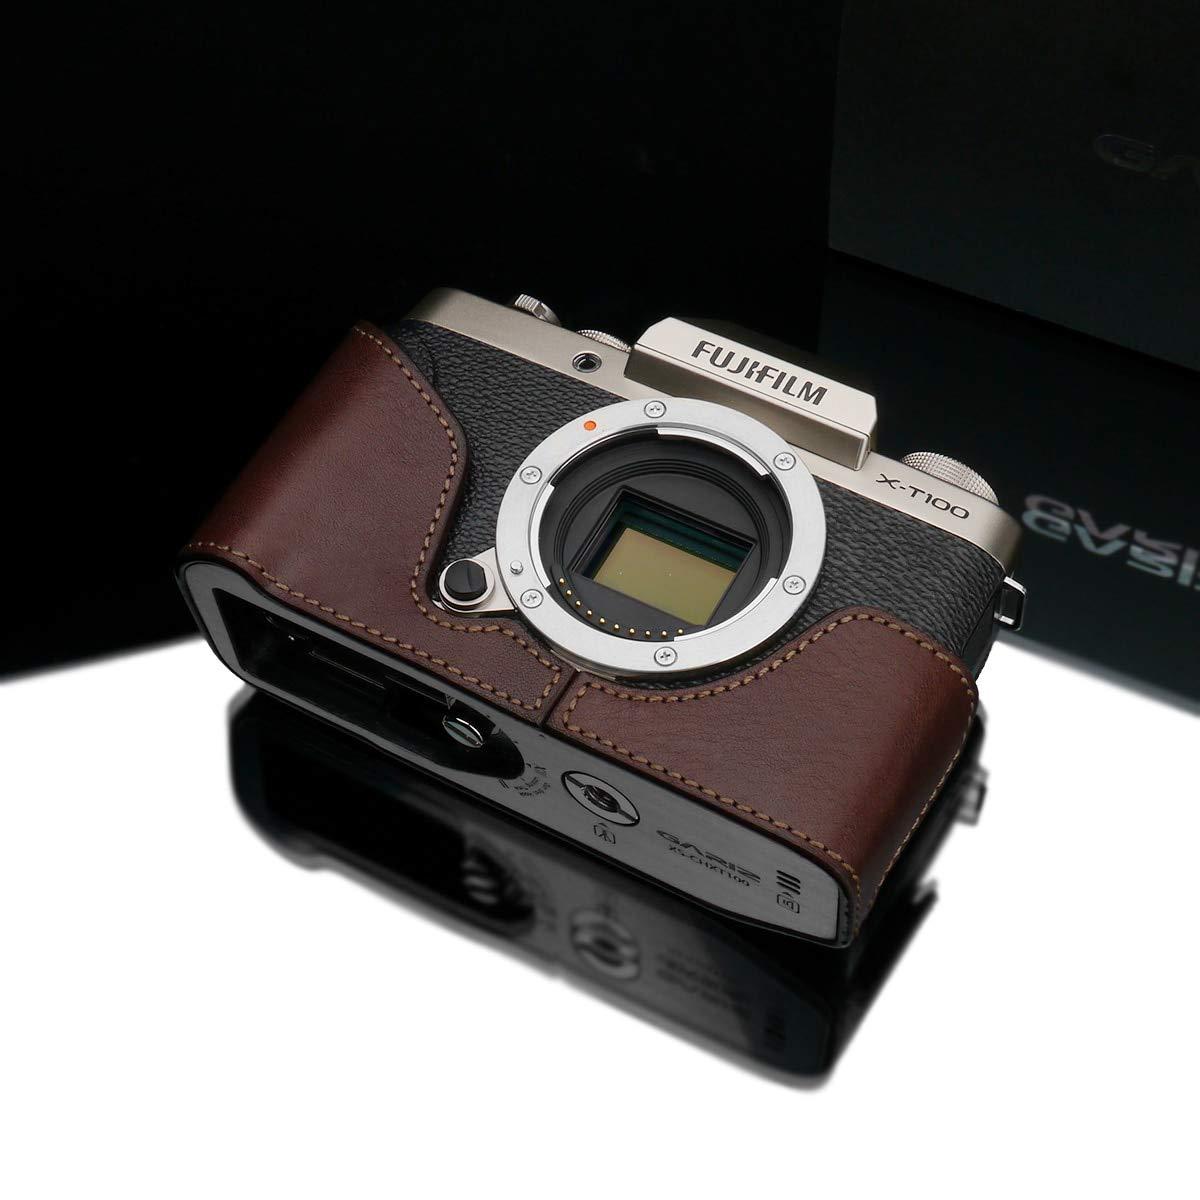 Gariz XS-CHXT100BR 本革ハーフケース Fuji X-T100用 ブラウン   B07GJ6JM21